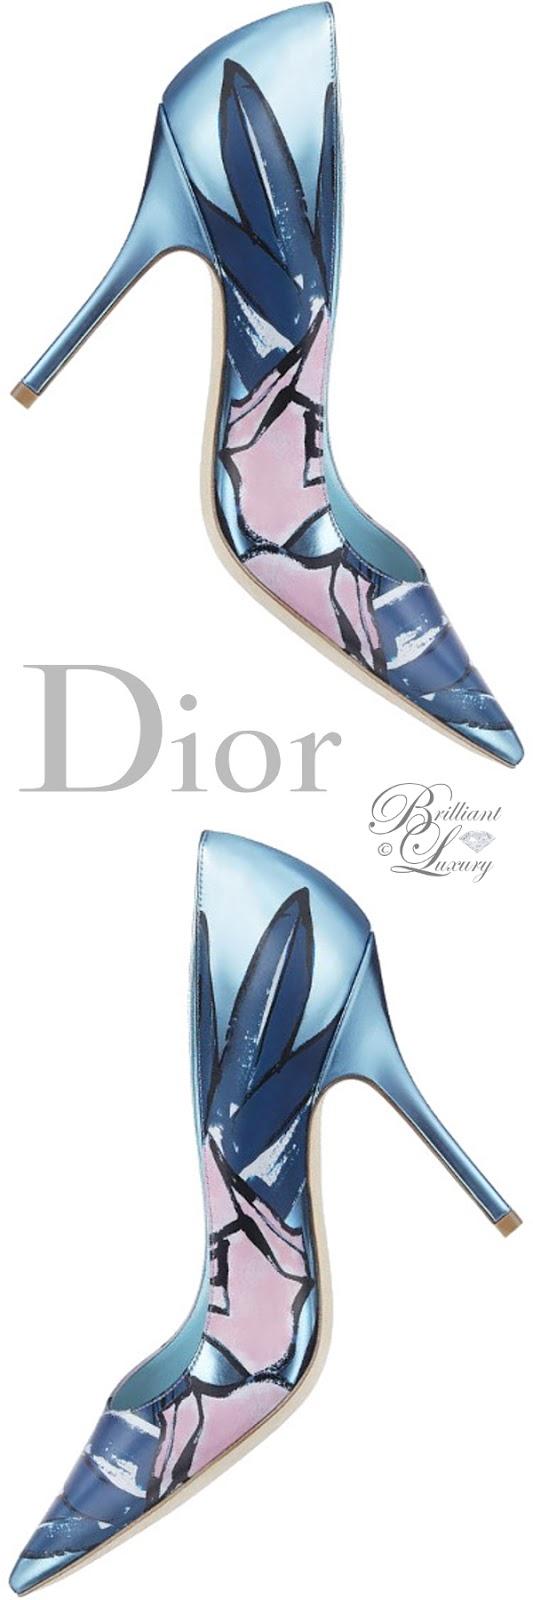 Brilliant Luxury ♦ Dior pump